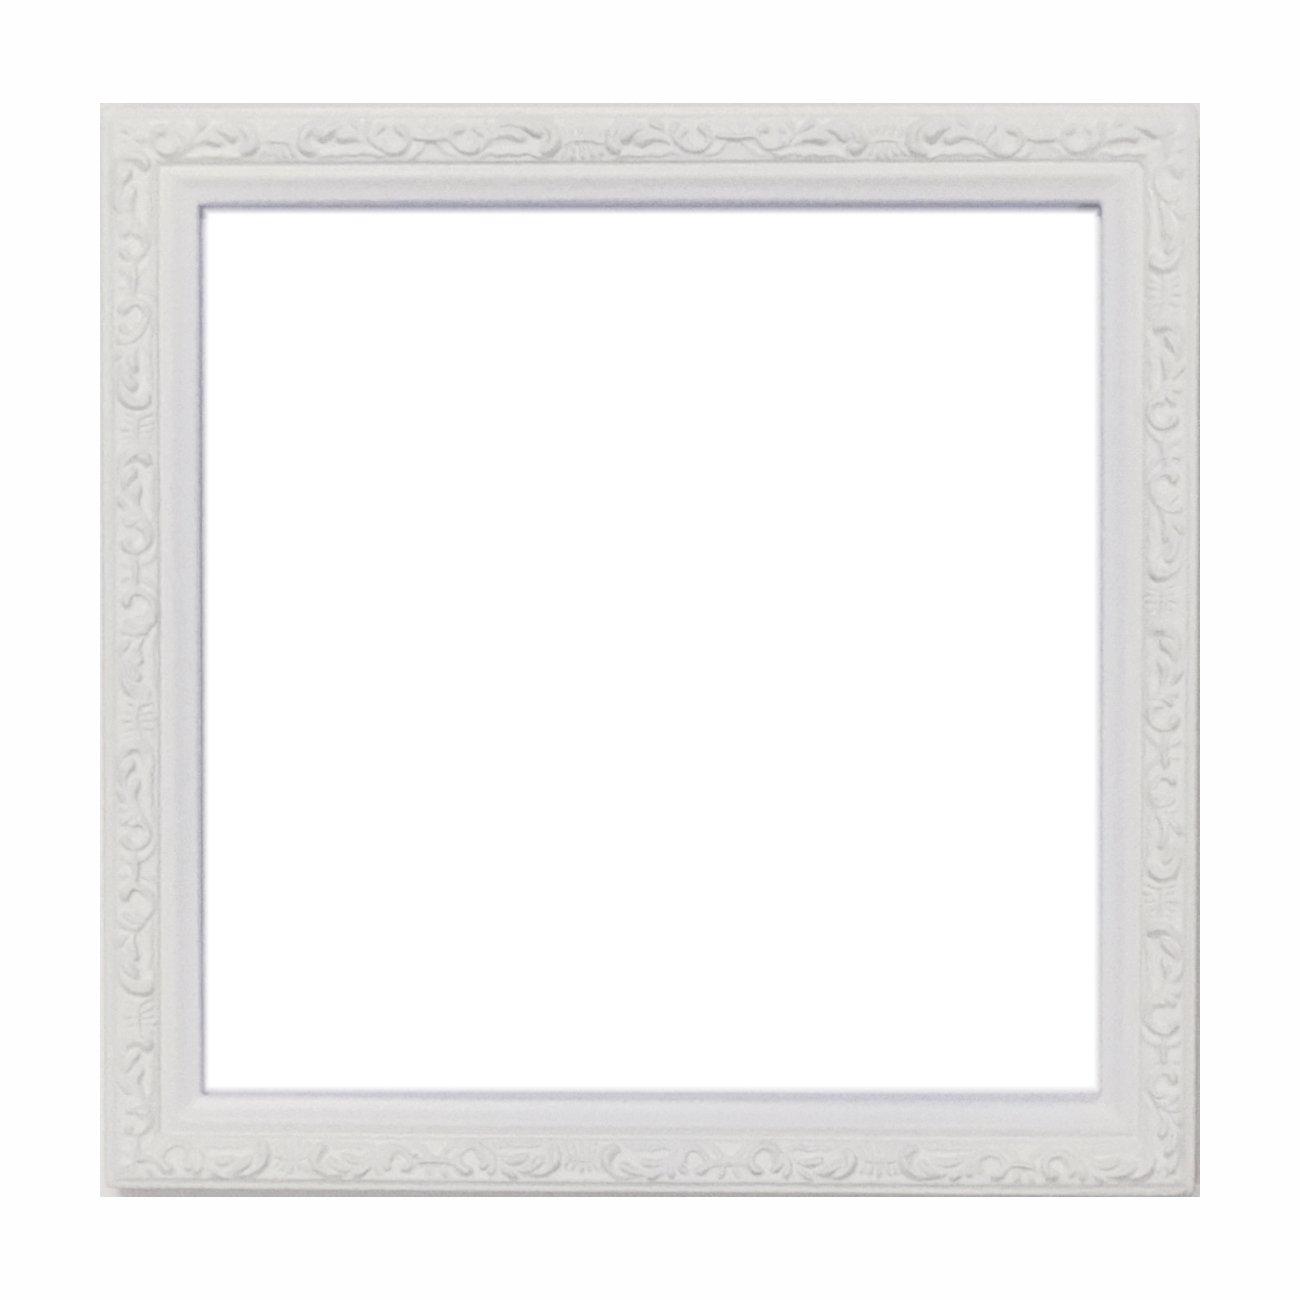 正方形额縁 15角(150×150mm) w101 (白色)